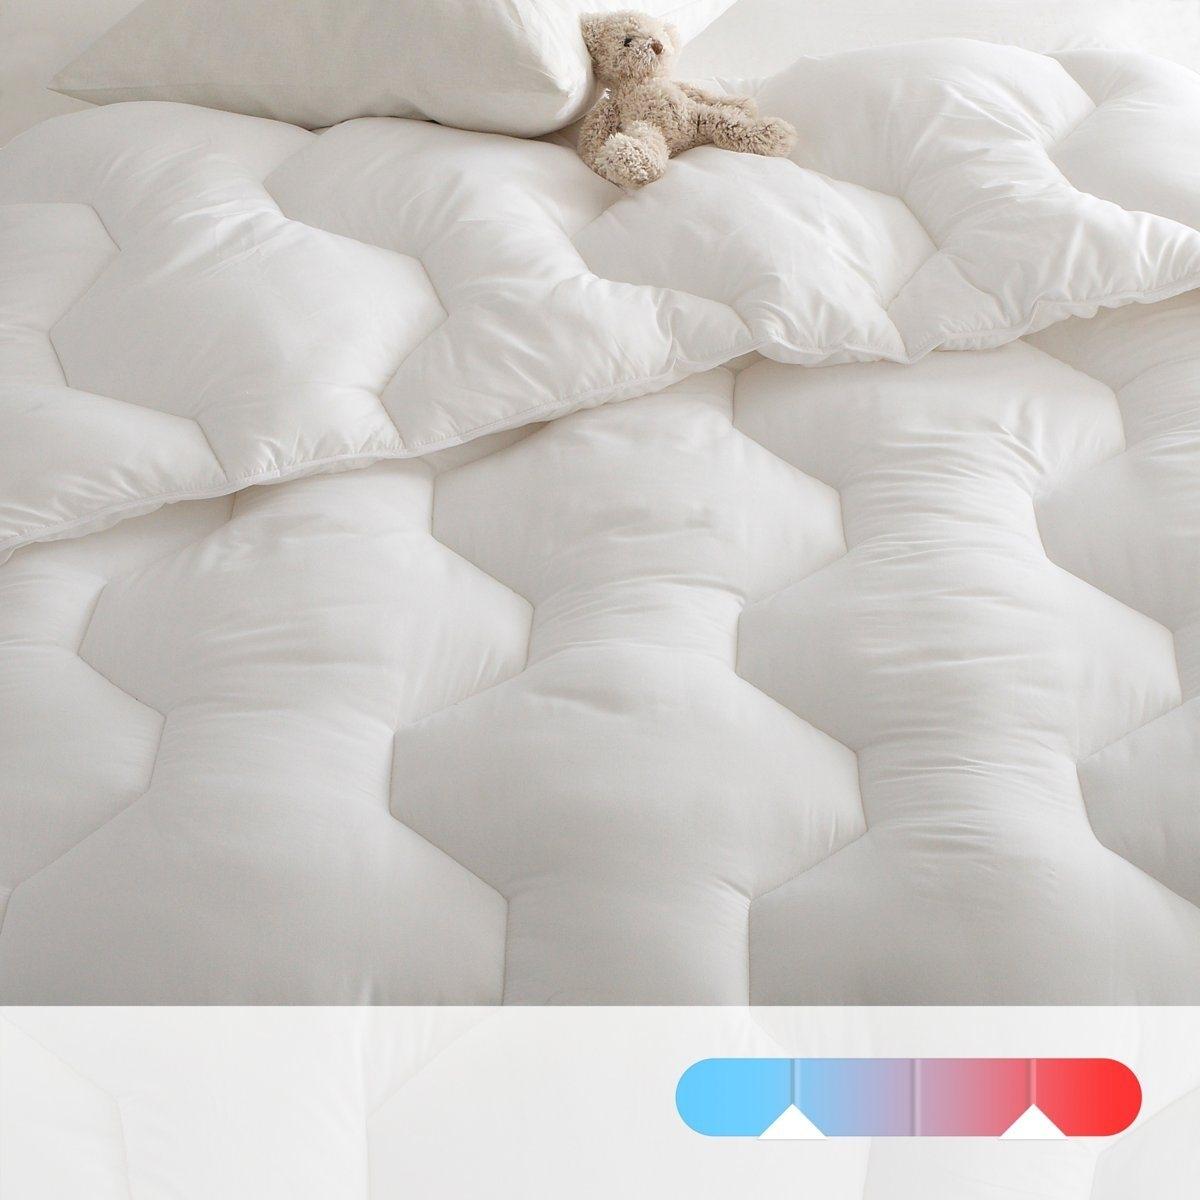 Одеяло4 сезона: двойное одеяло. Одеяло 175 г/м2 для лета и одеяло 300 г/м2 для межсезонья соединяются завязками и образуют зимнее одеяло. Практично: стирка при 95° для идеальной гигиены. Наполнитель: полые силиконизированные волокна полиэстера. Простежка шестиу<br><br>Цвет: белый